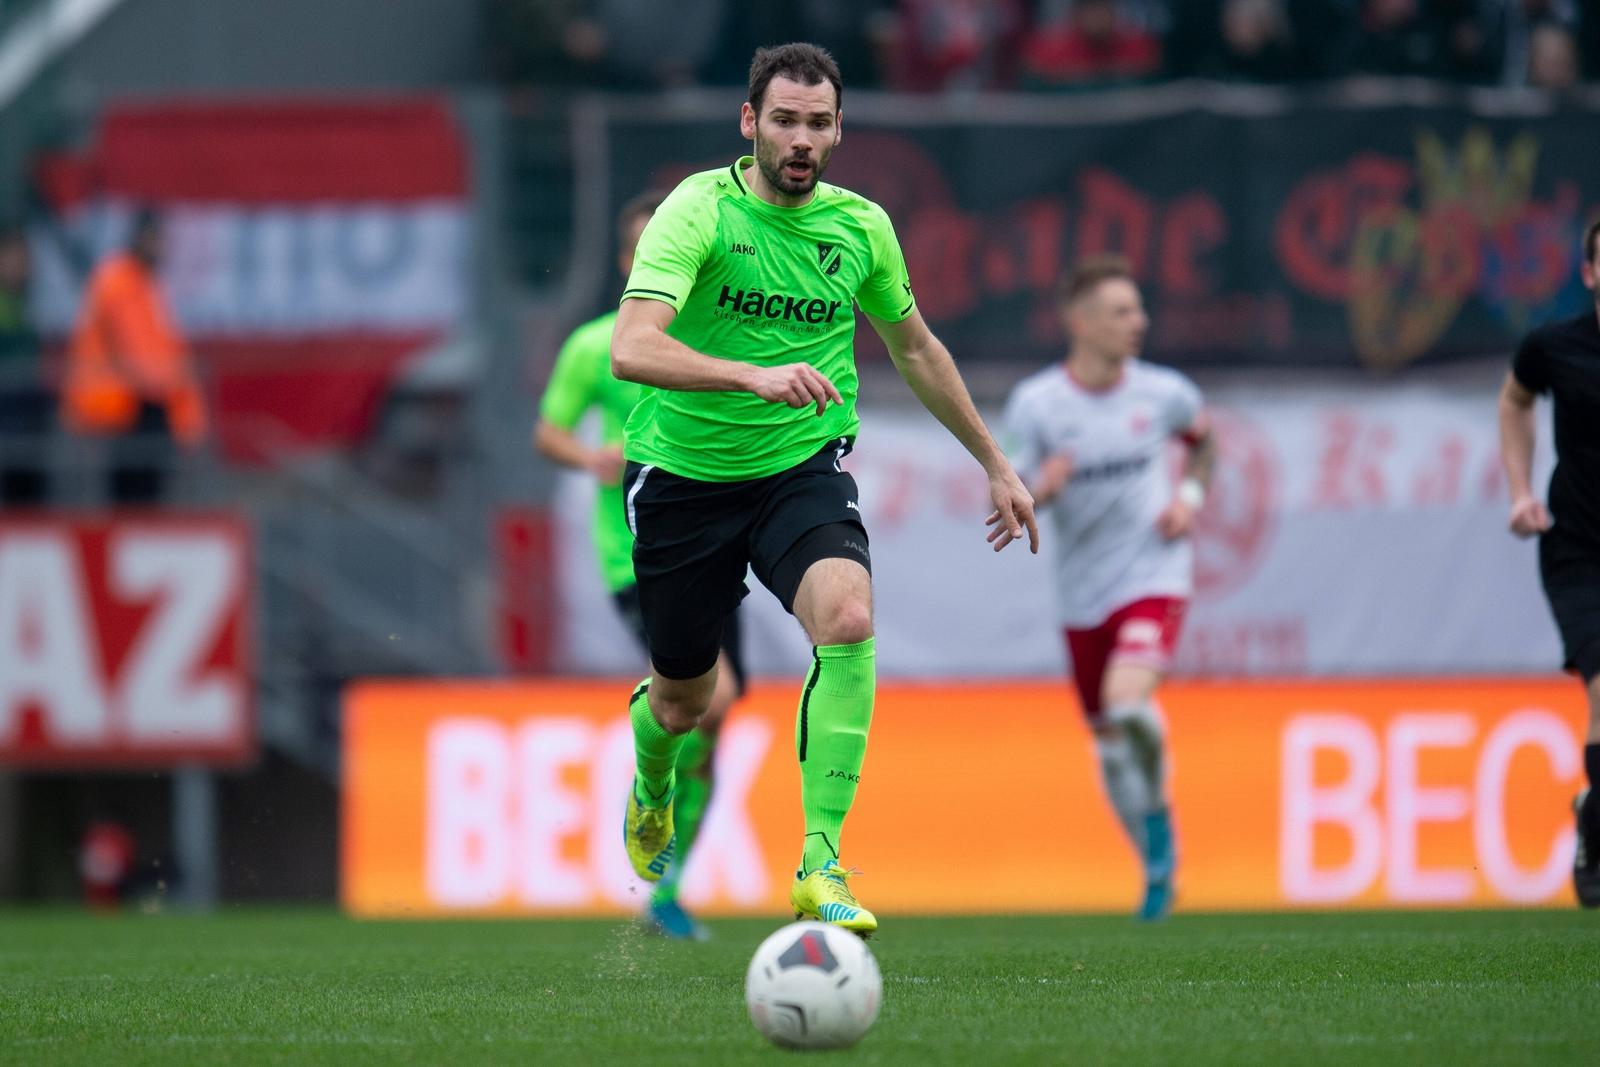 Simon Engelmann im Spiel gegen Rot-Weiß Essen.